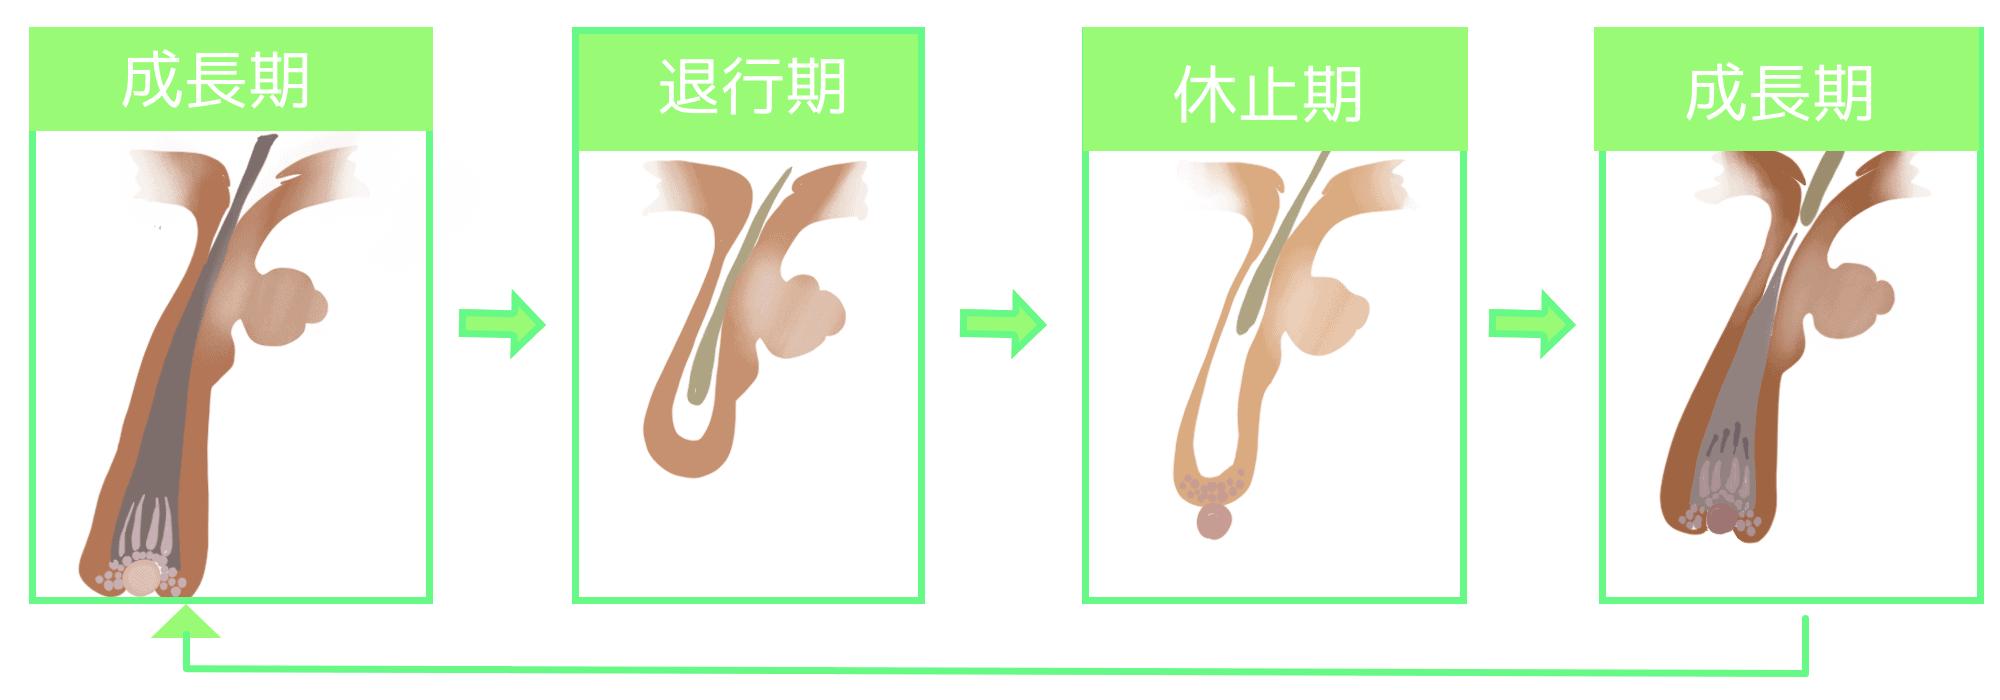 【湯シャンの正しい方法】美容師が教える効果的な洗い方(デトックス)